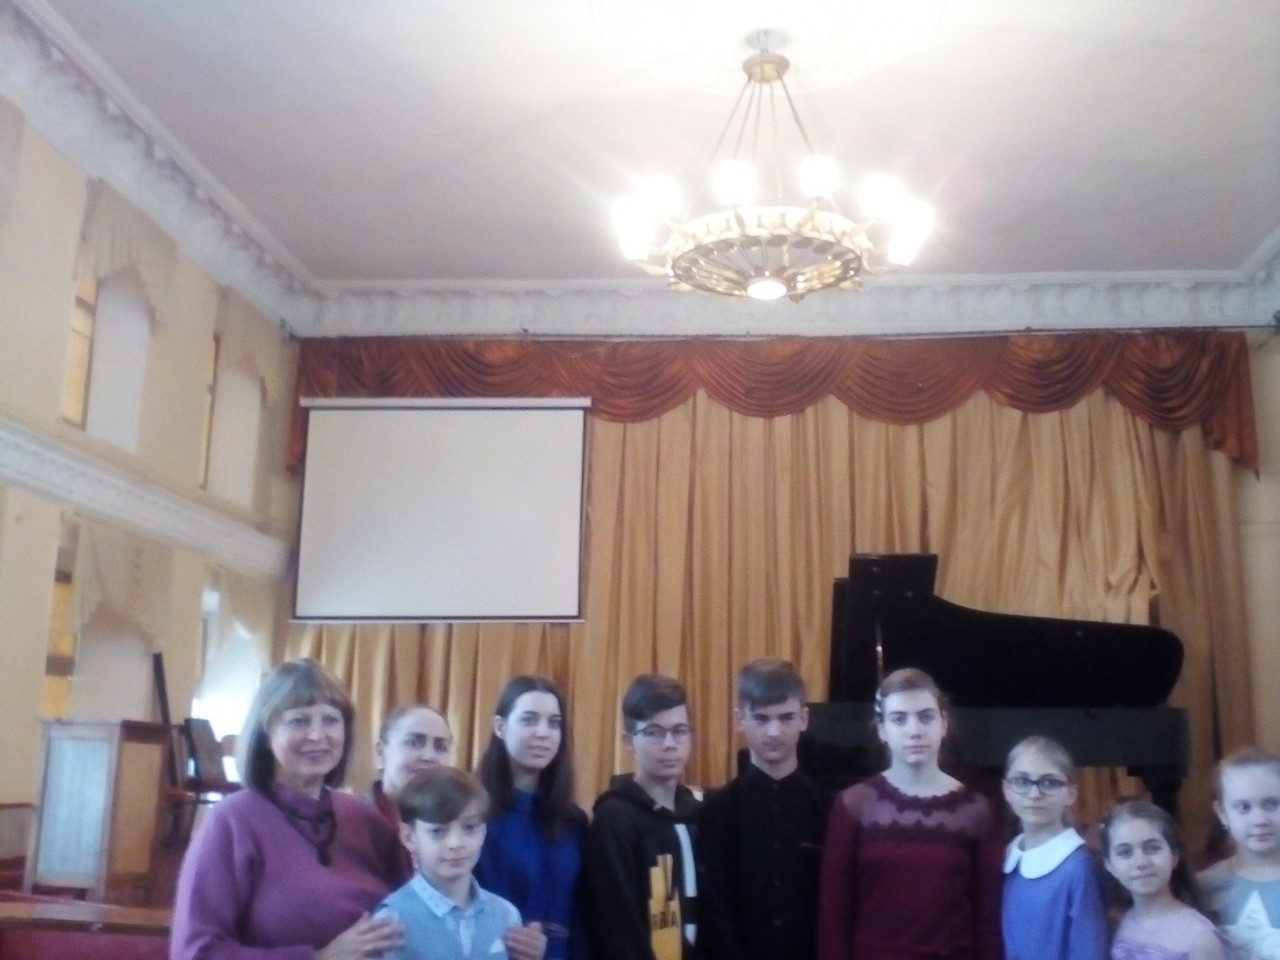 Учасники конкурса юных пианистов. 21 марта 2018 г.